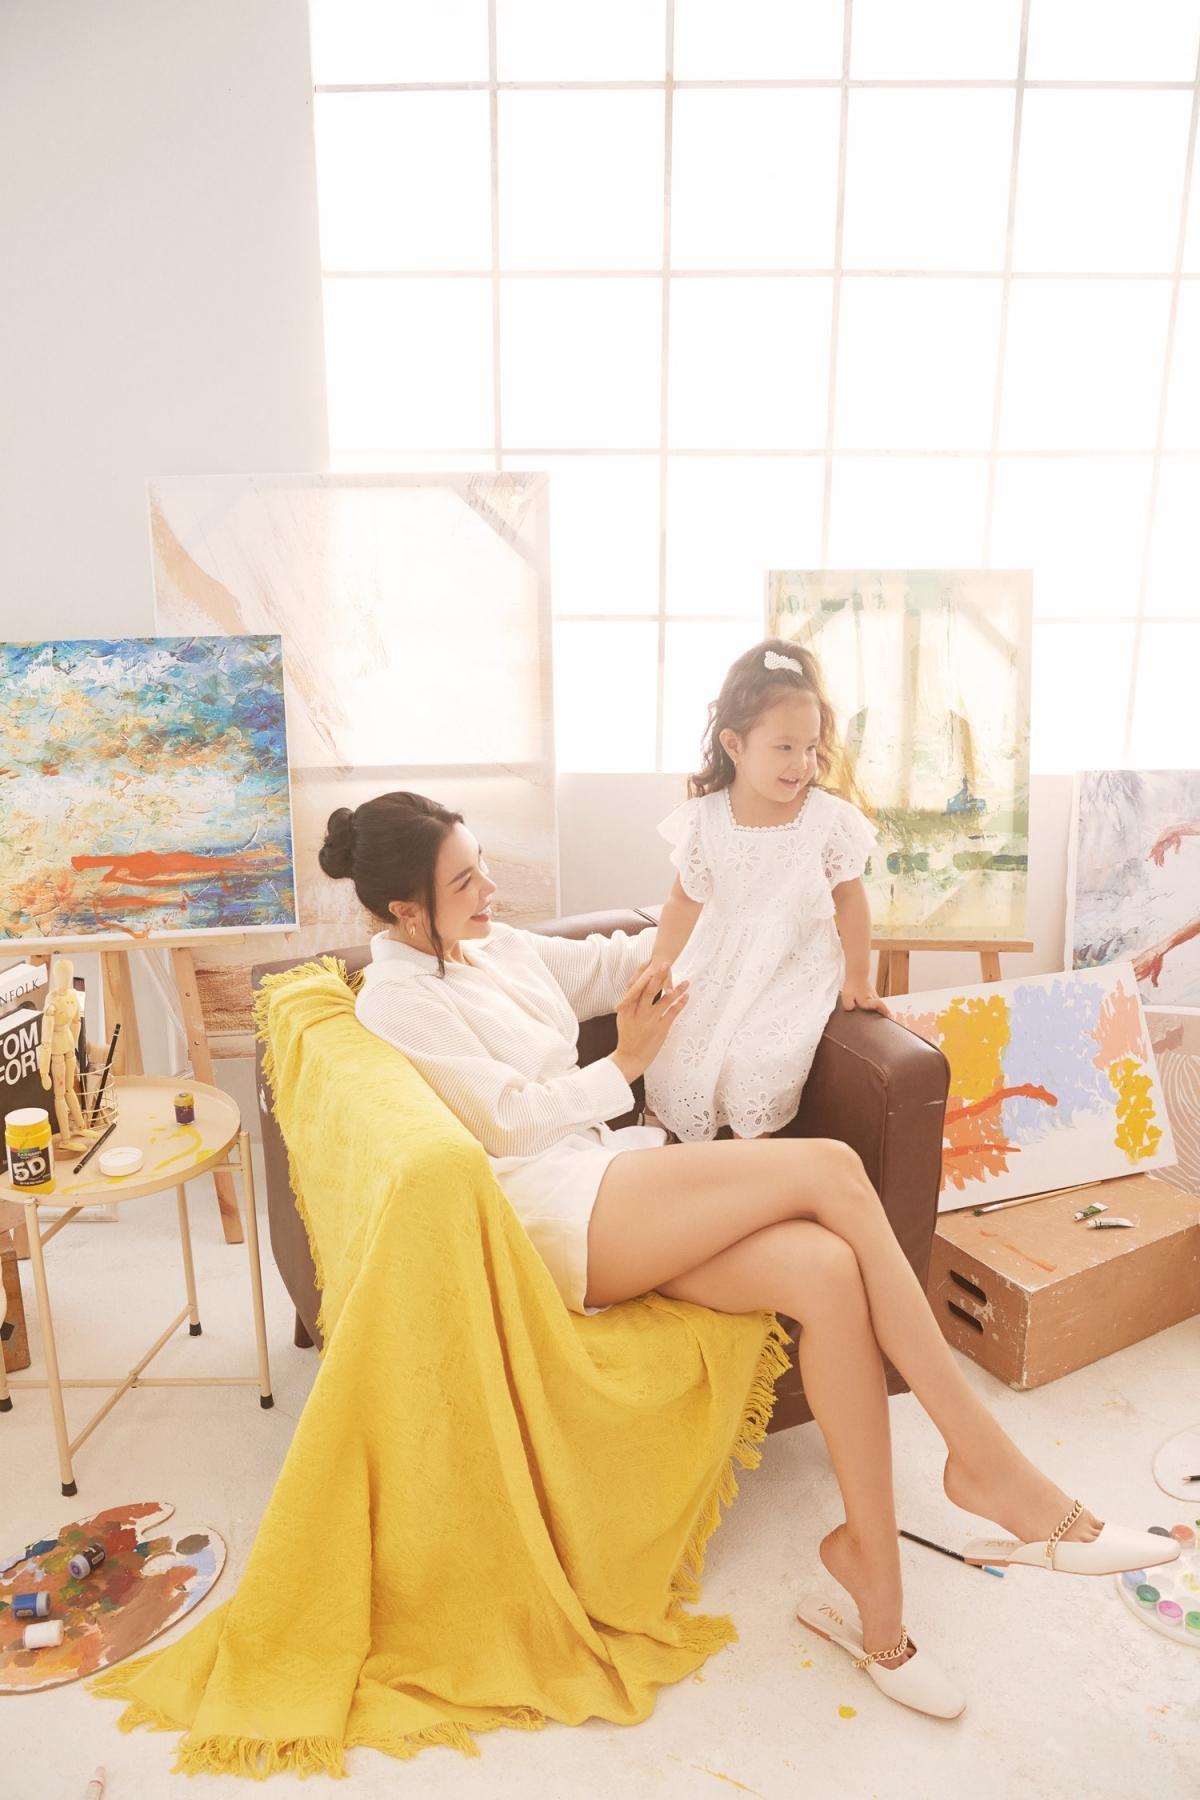 Trà Ngọc Hằng: 'Người lớn hãy vẽ những mảng màu đẹp đẽ cho con' Ảnh 10